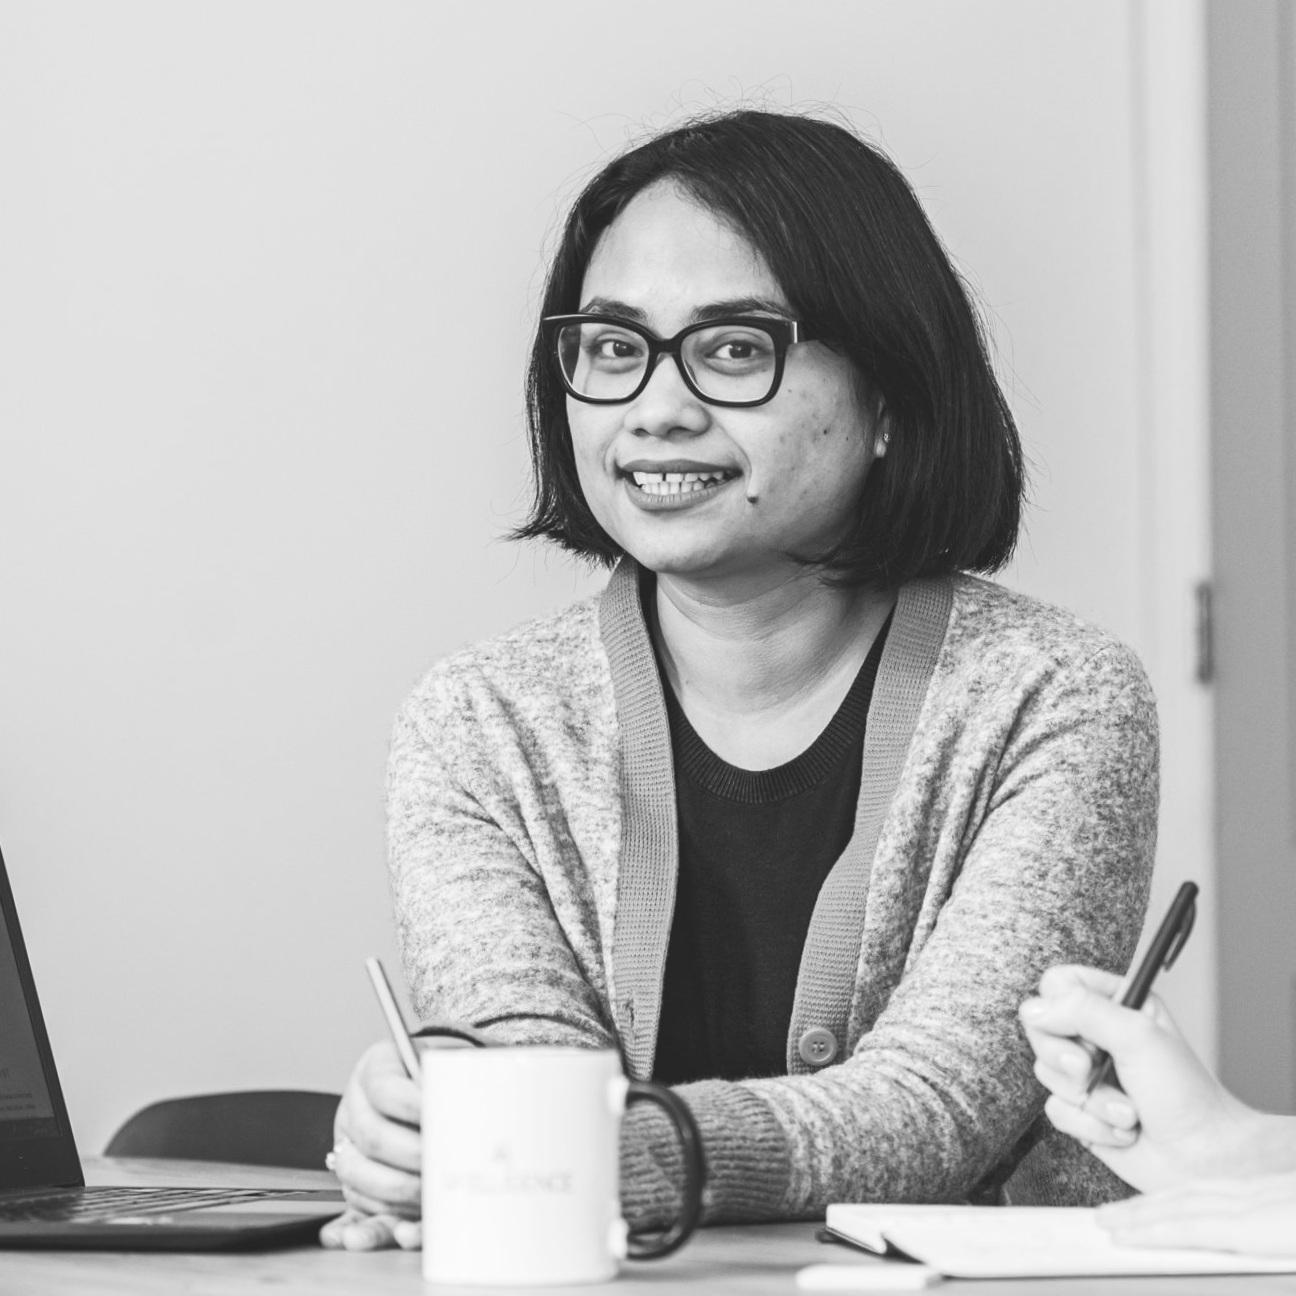 Maharti Rihana - Liaison Indonesia, Malaysia and Papua New Guinea